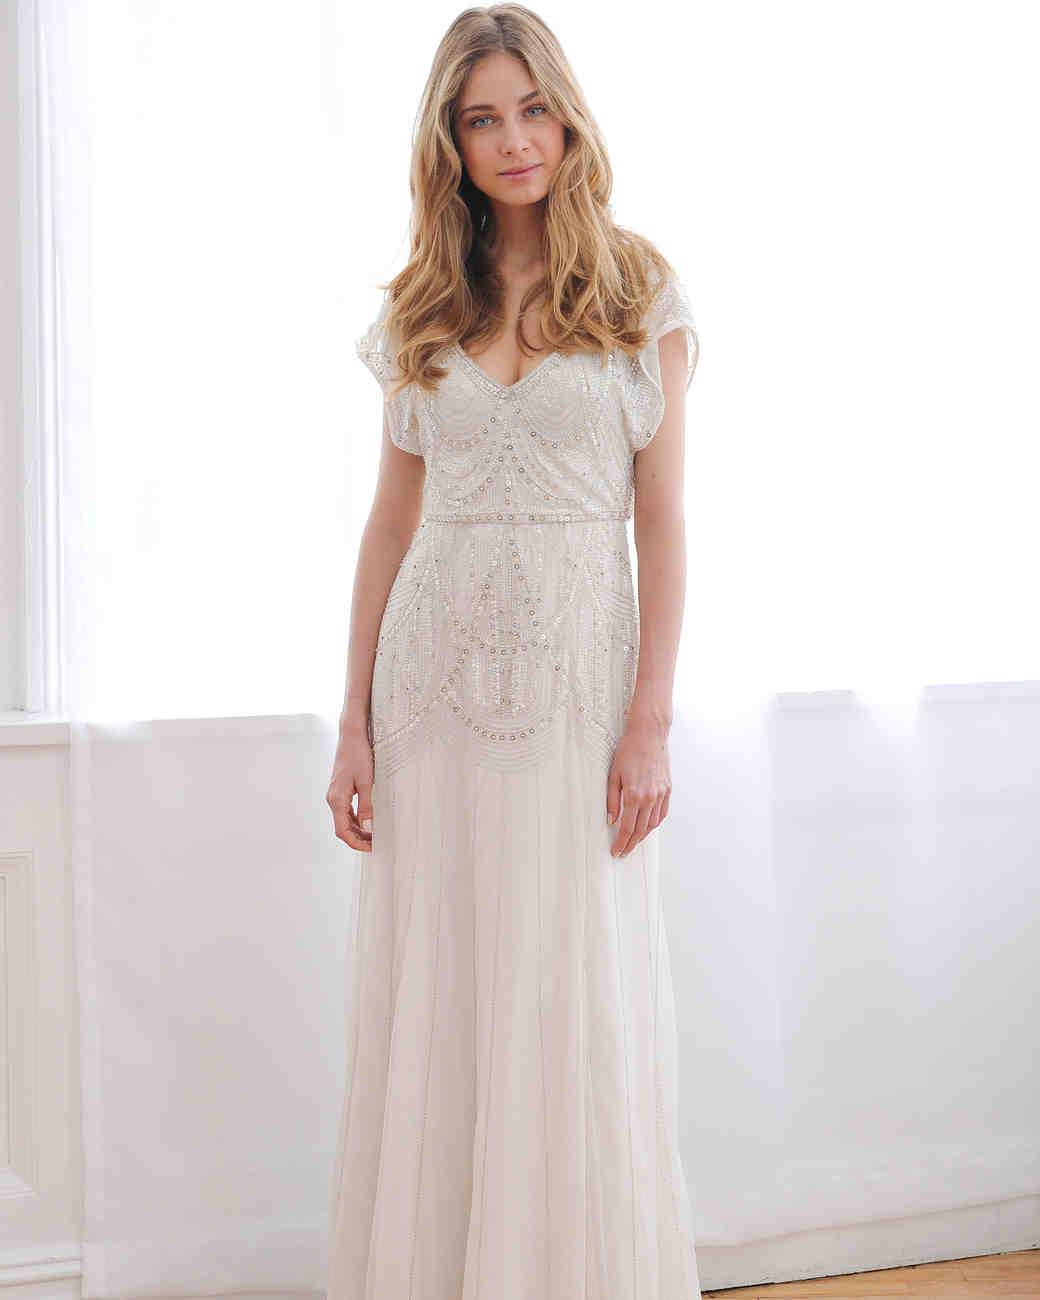 davids bridal wedding dresses spring davids bridal wedding dresses David s Bridal Fall Wedding Dress Collection 1 of 9